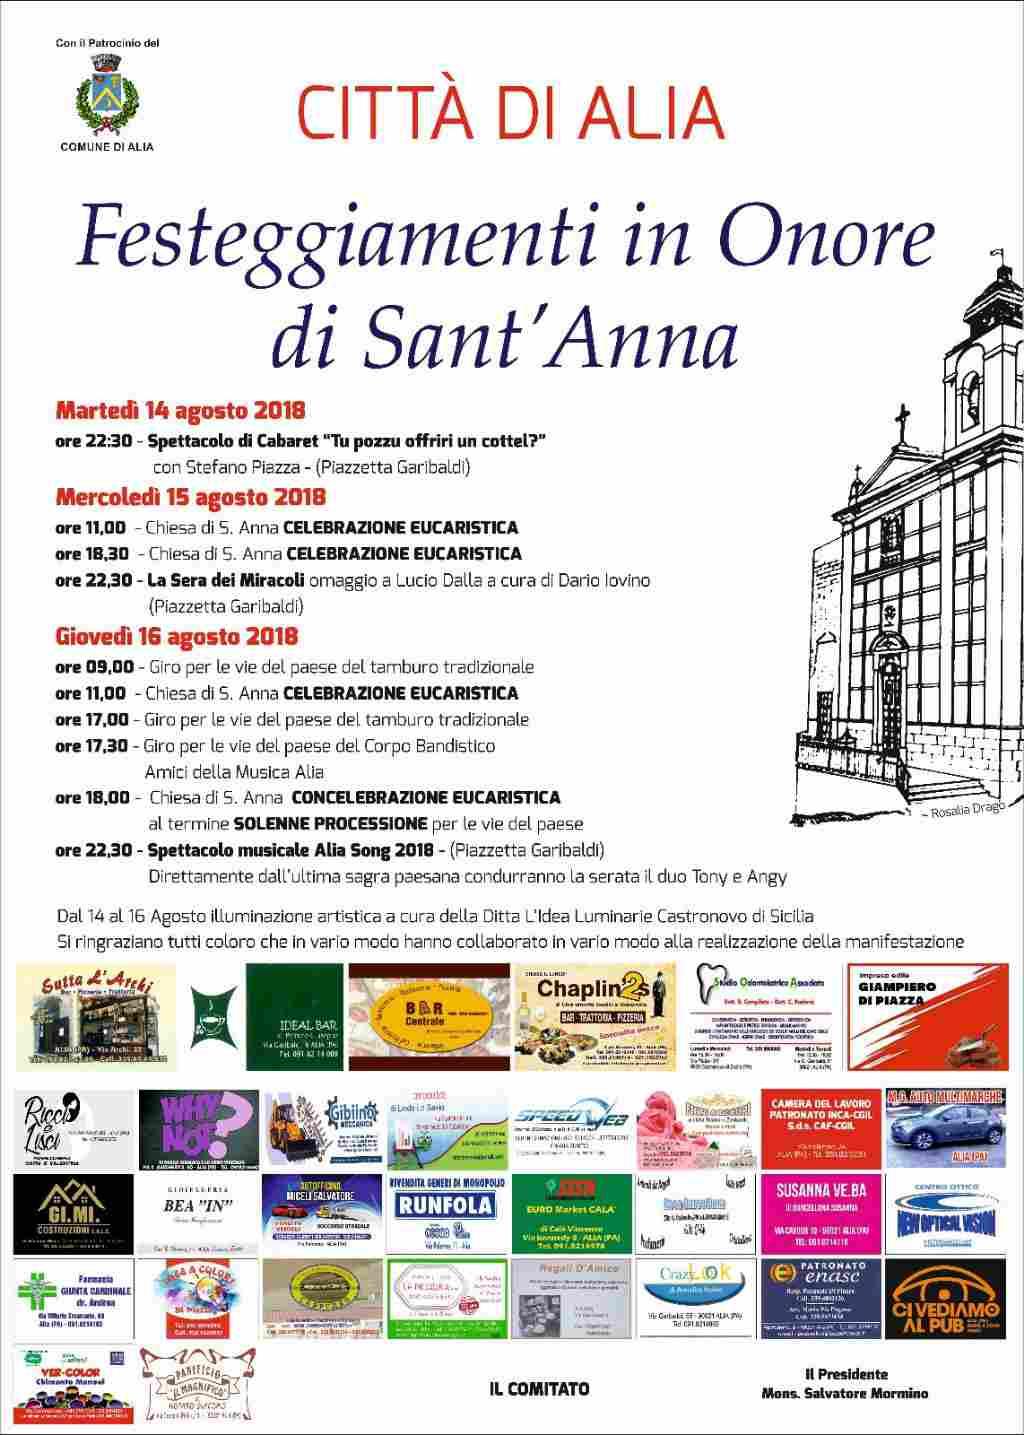 Programma Festeggiamenti in onore di Sant Anna